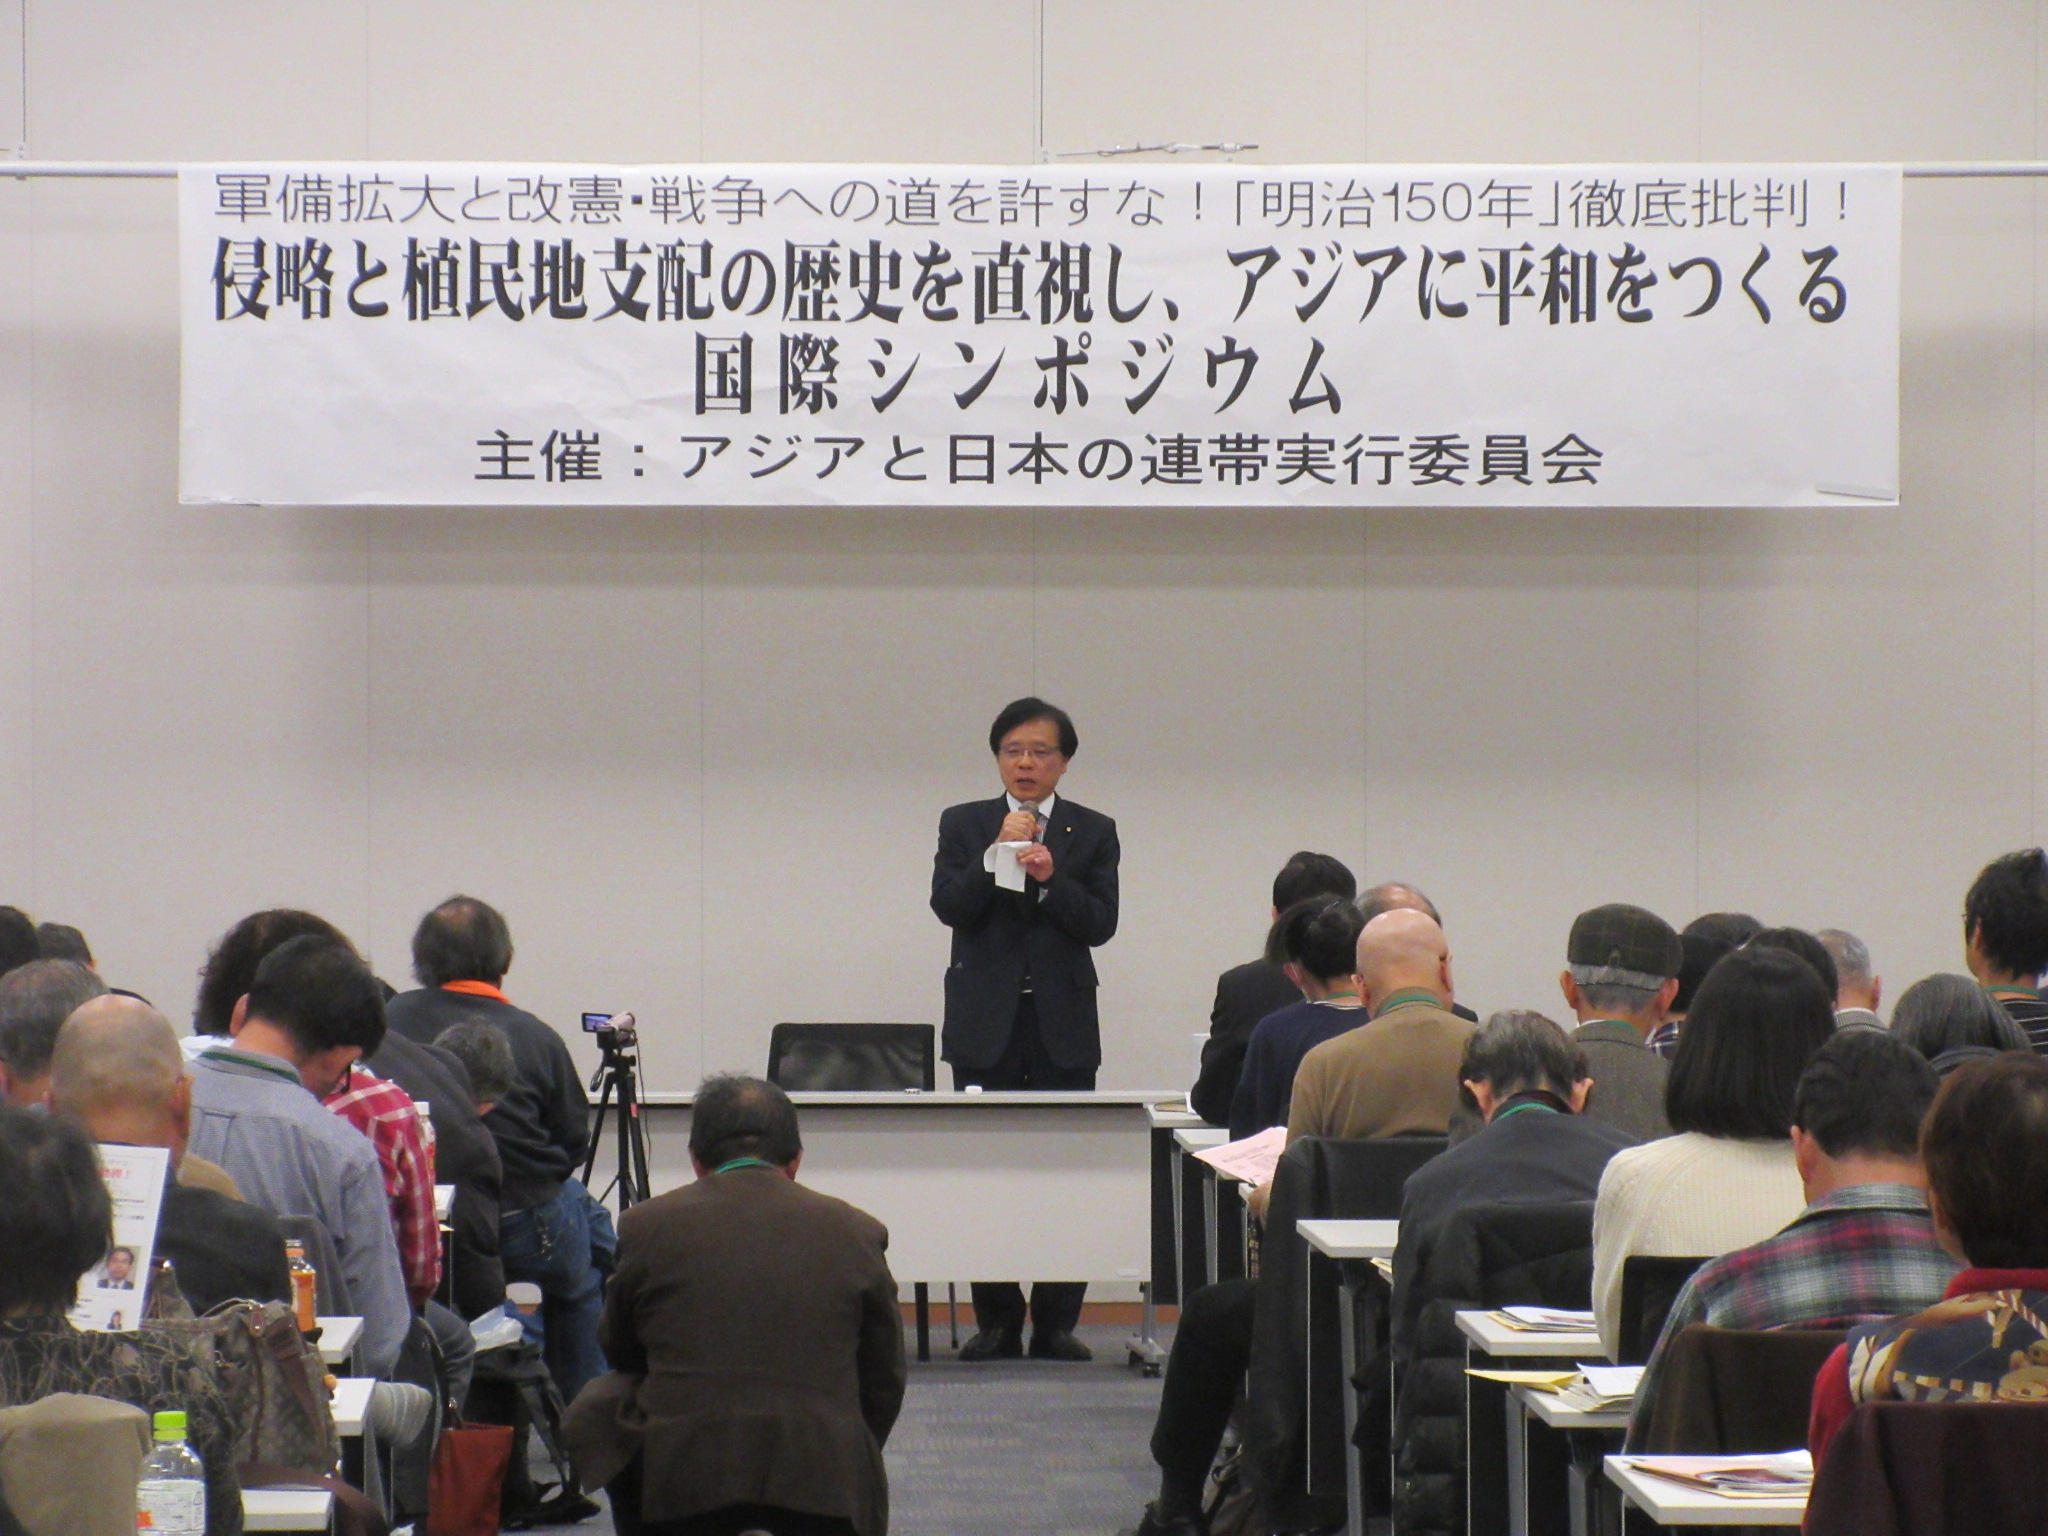 http://www.inoue-satoshi.com/diary/IMG_7164.JPG